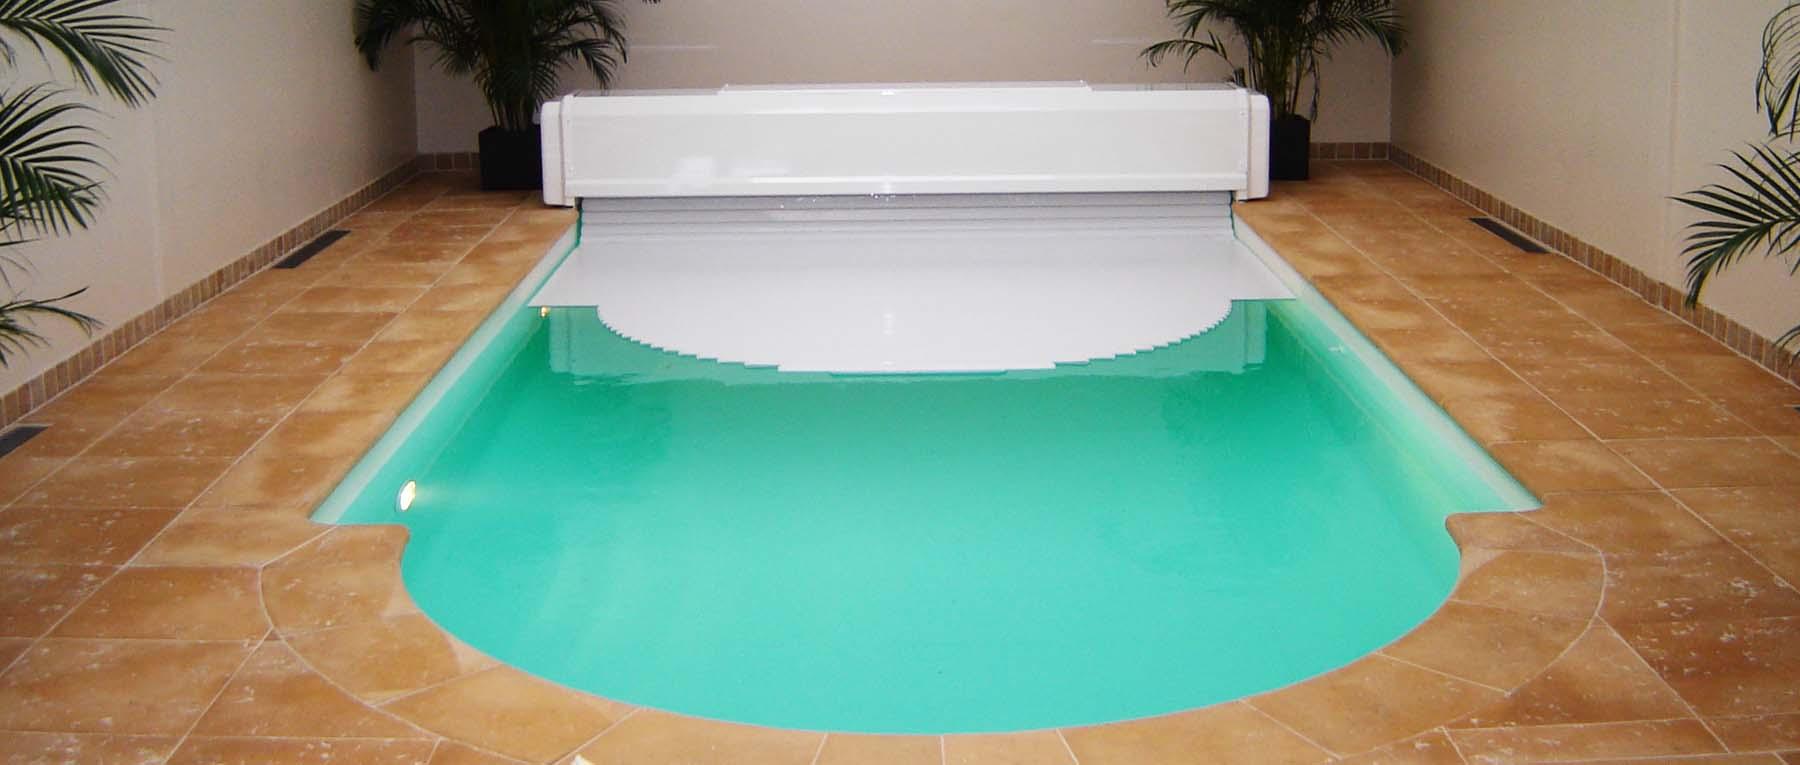 Veelgestelde vragen van Van Kuik Zwembaden